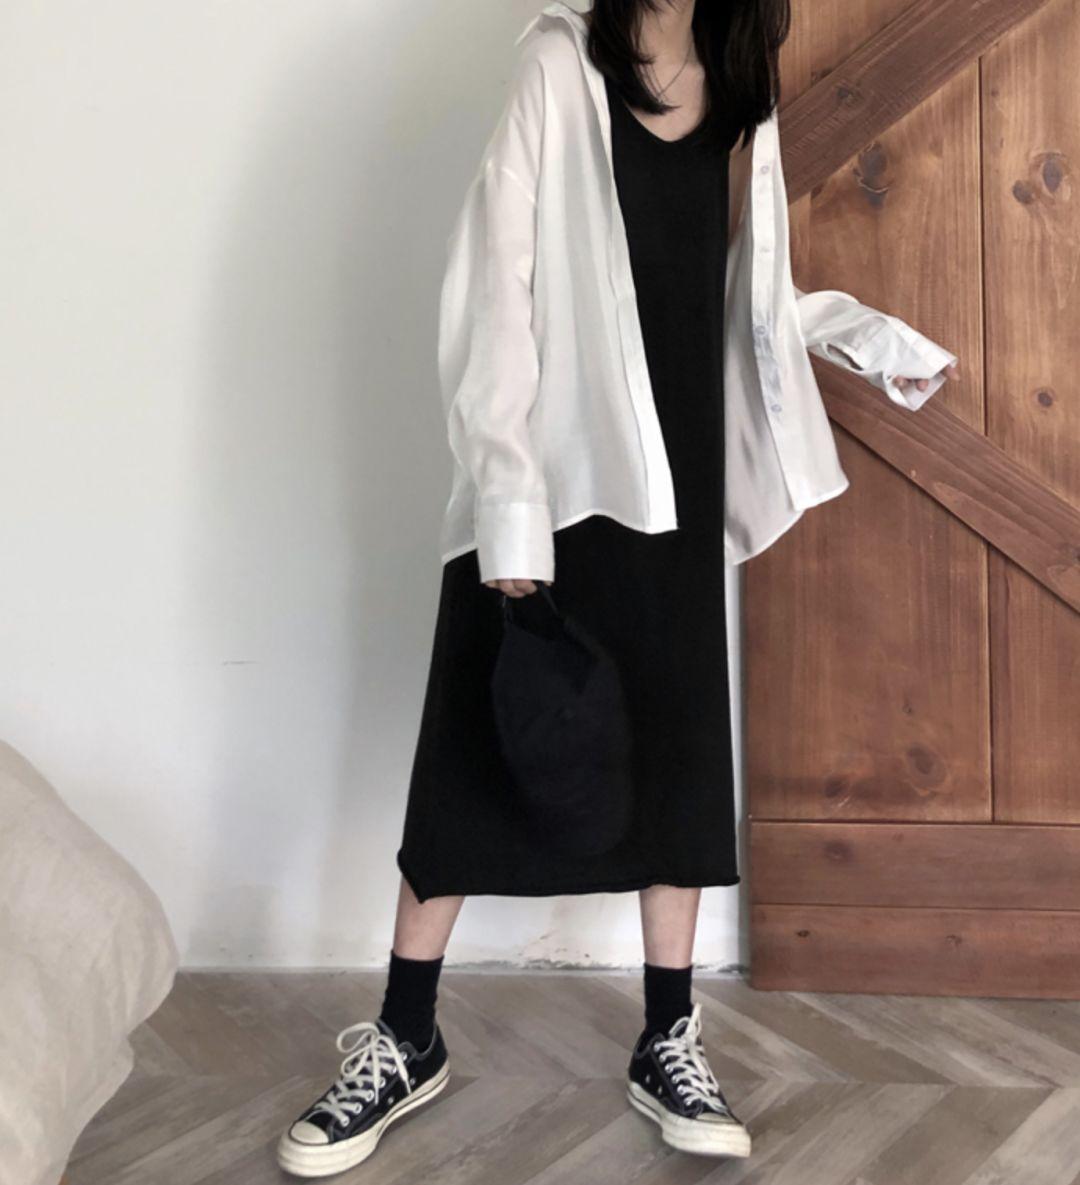 薄外套+裙子,今春最in穿搭,好看爆了!!!